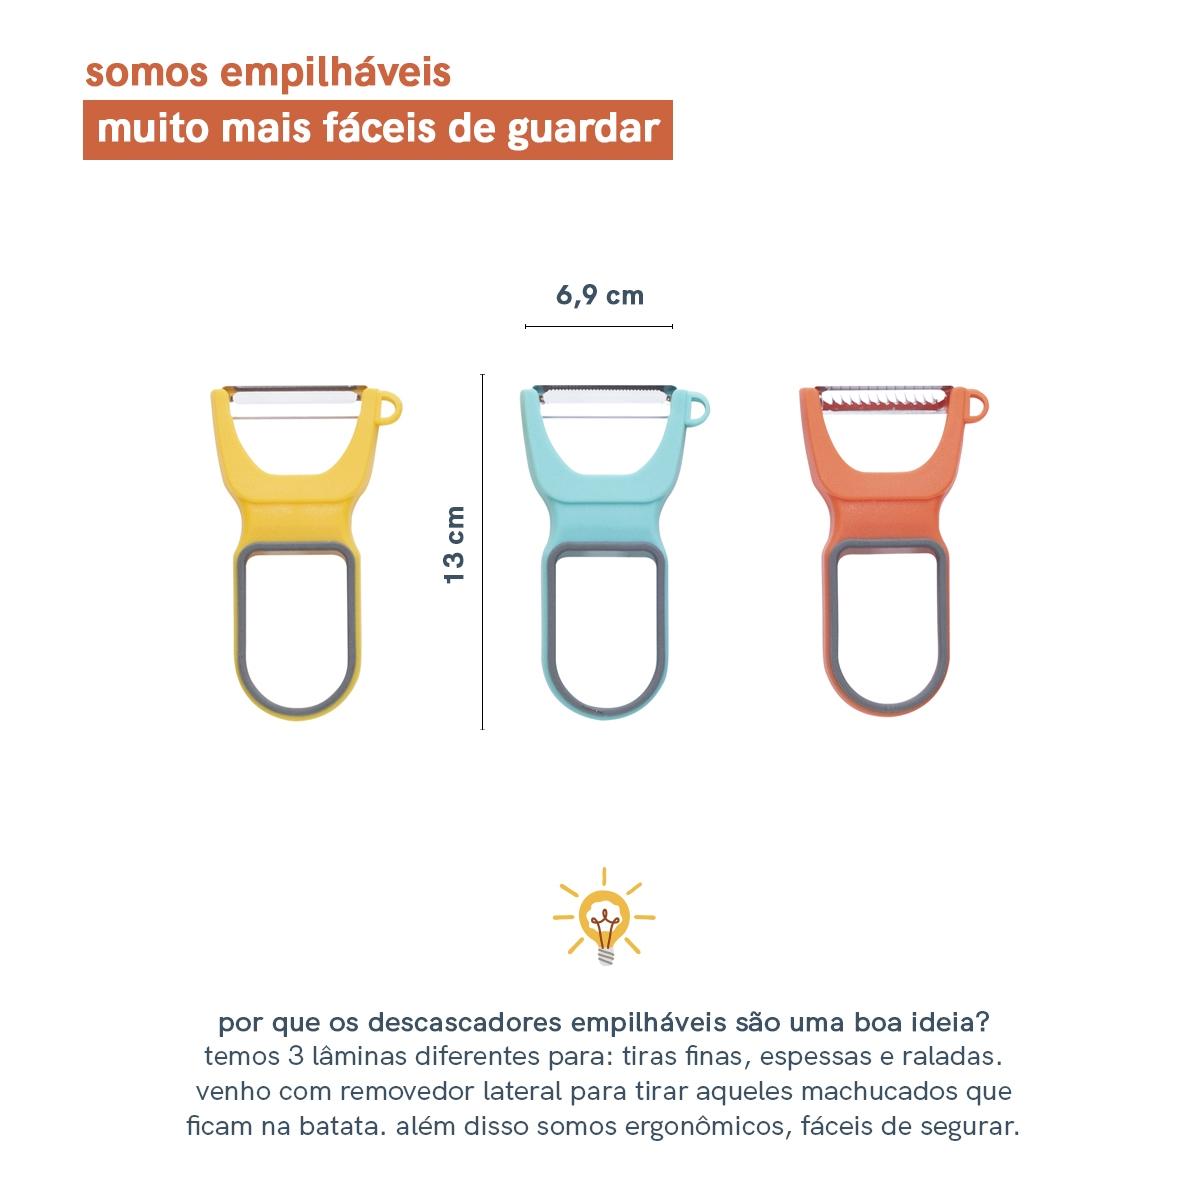 Kit de 3 Descascadores Empilháveis - Sortido - Oikos